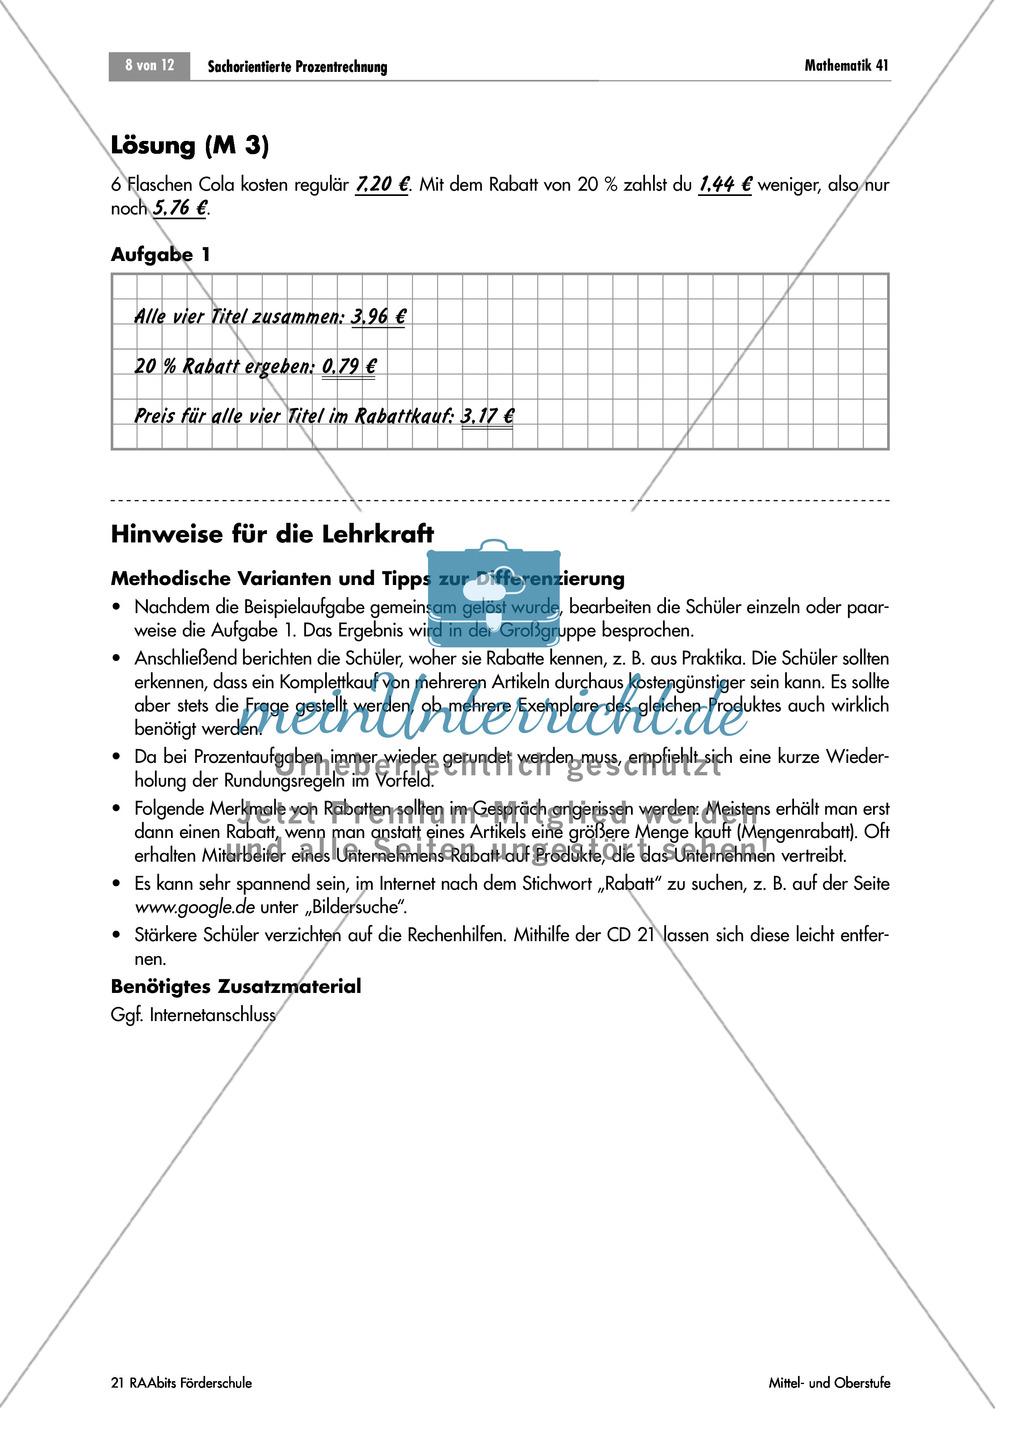 Sachorientierte Prozentrechnung: Aufgaben zu Rabatt, Skonto und ...